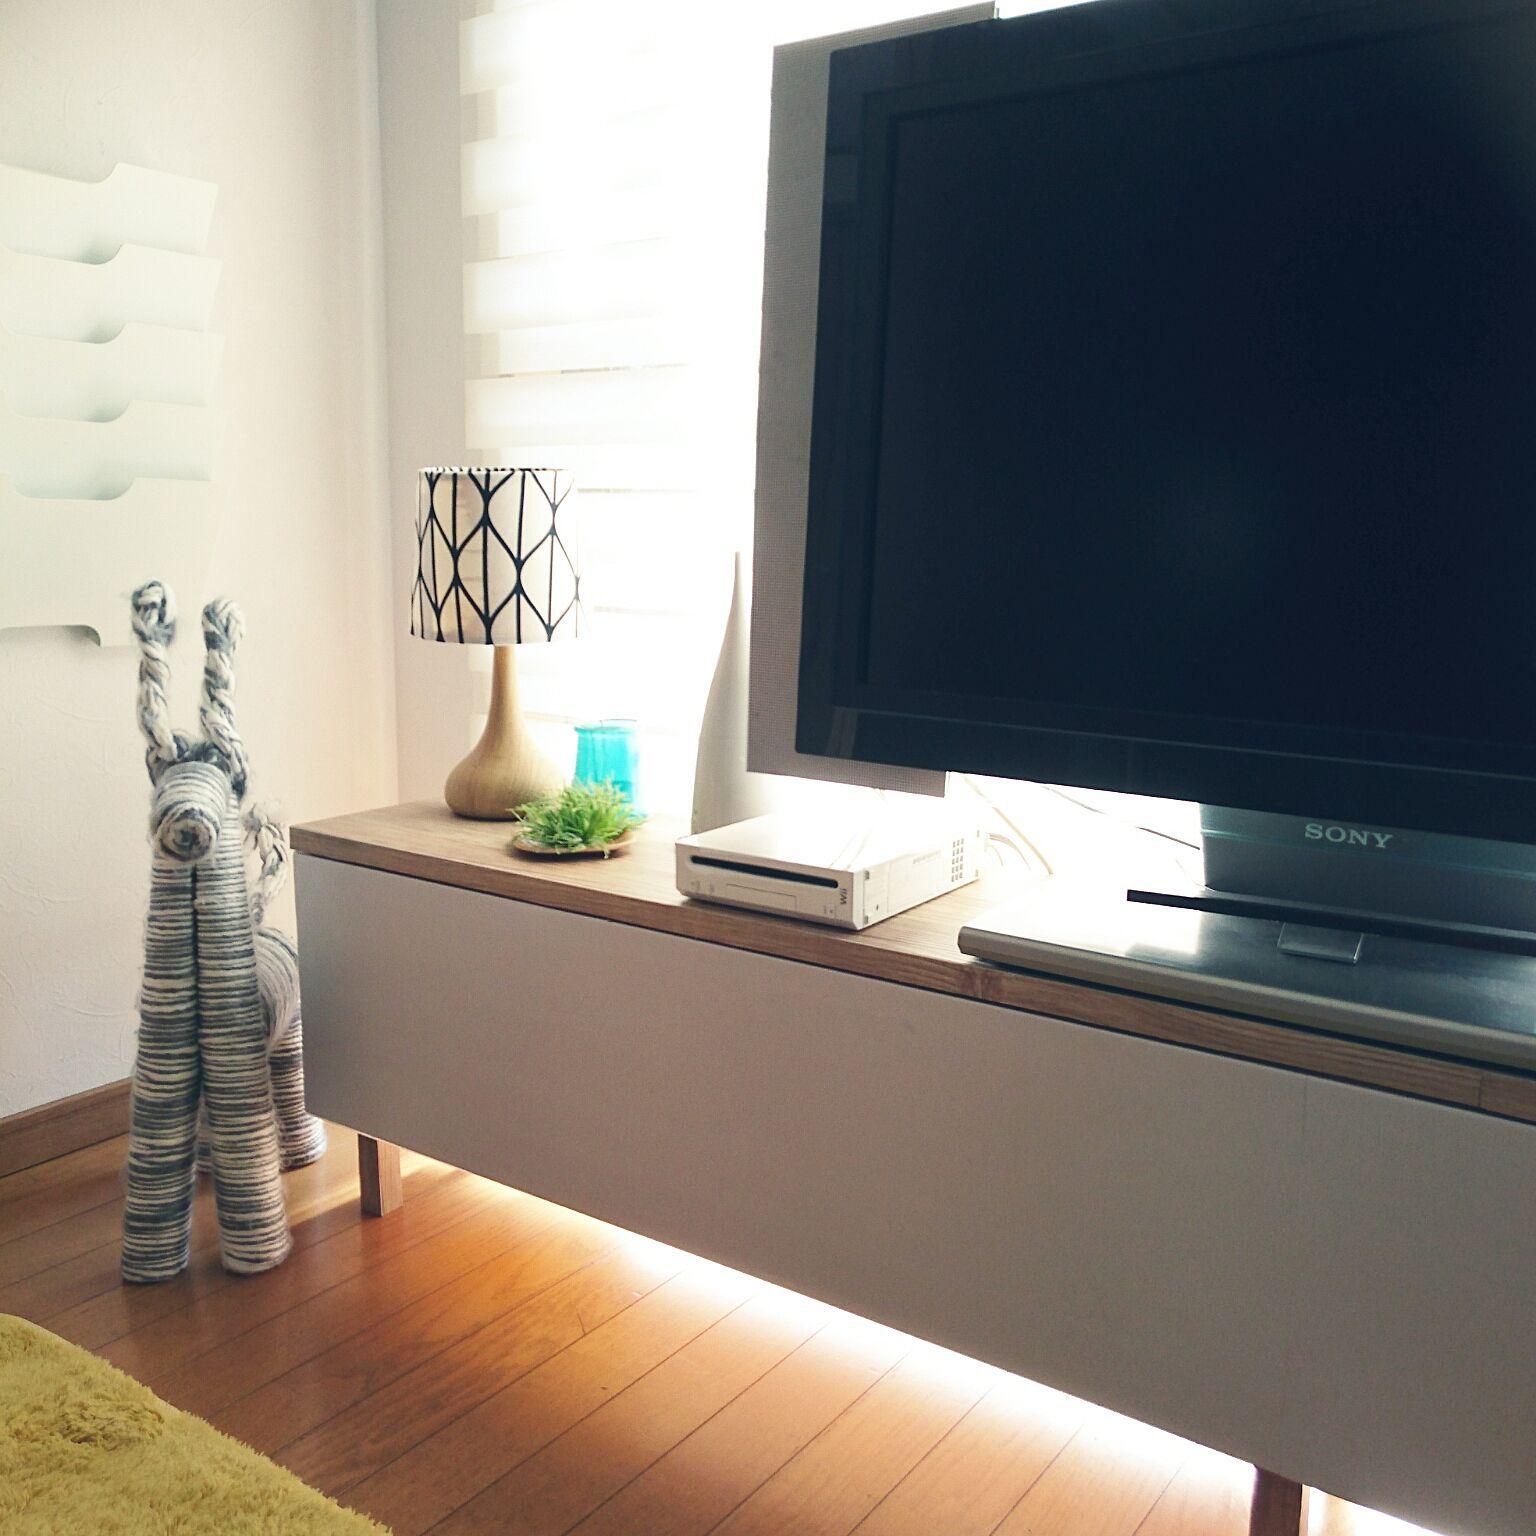 リビング 六畳 Ikea テレビ台のインテリア実例 2016 02 28 13 07 09 Roomclip ルームクリップ リビング 六畳 インテリア 実例 インテリア